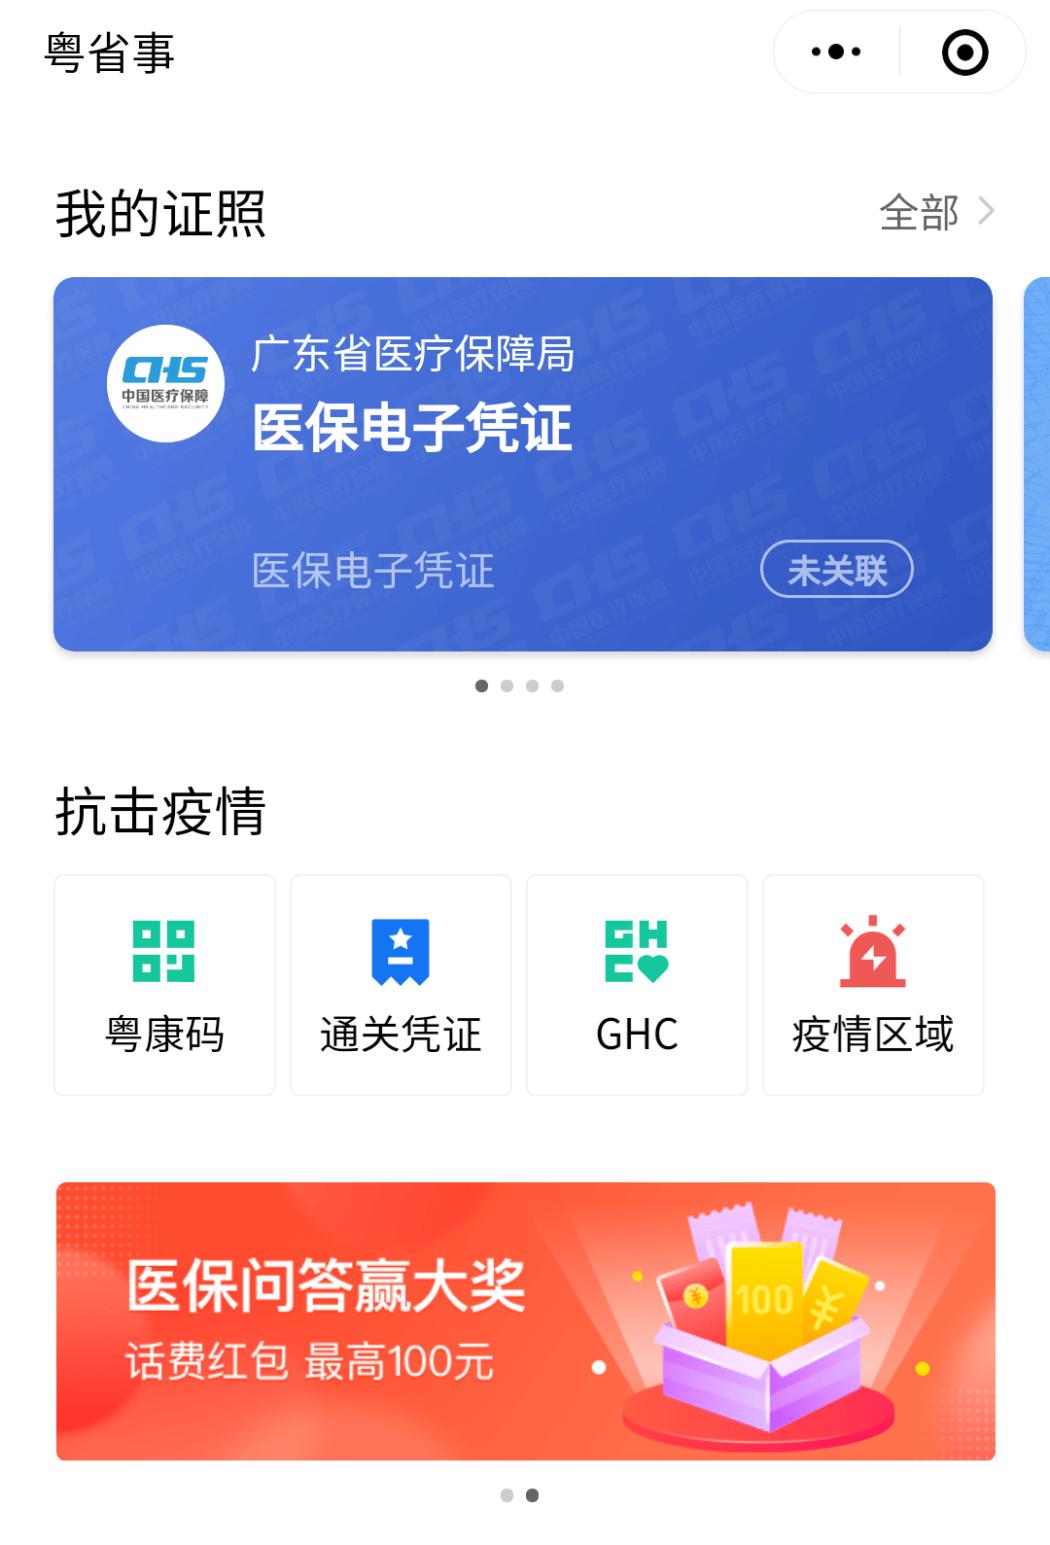 Yue sheng shi wechat mini programme